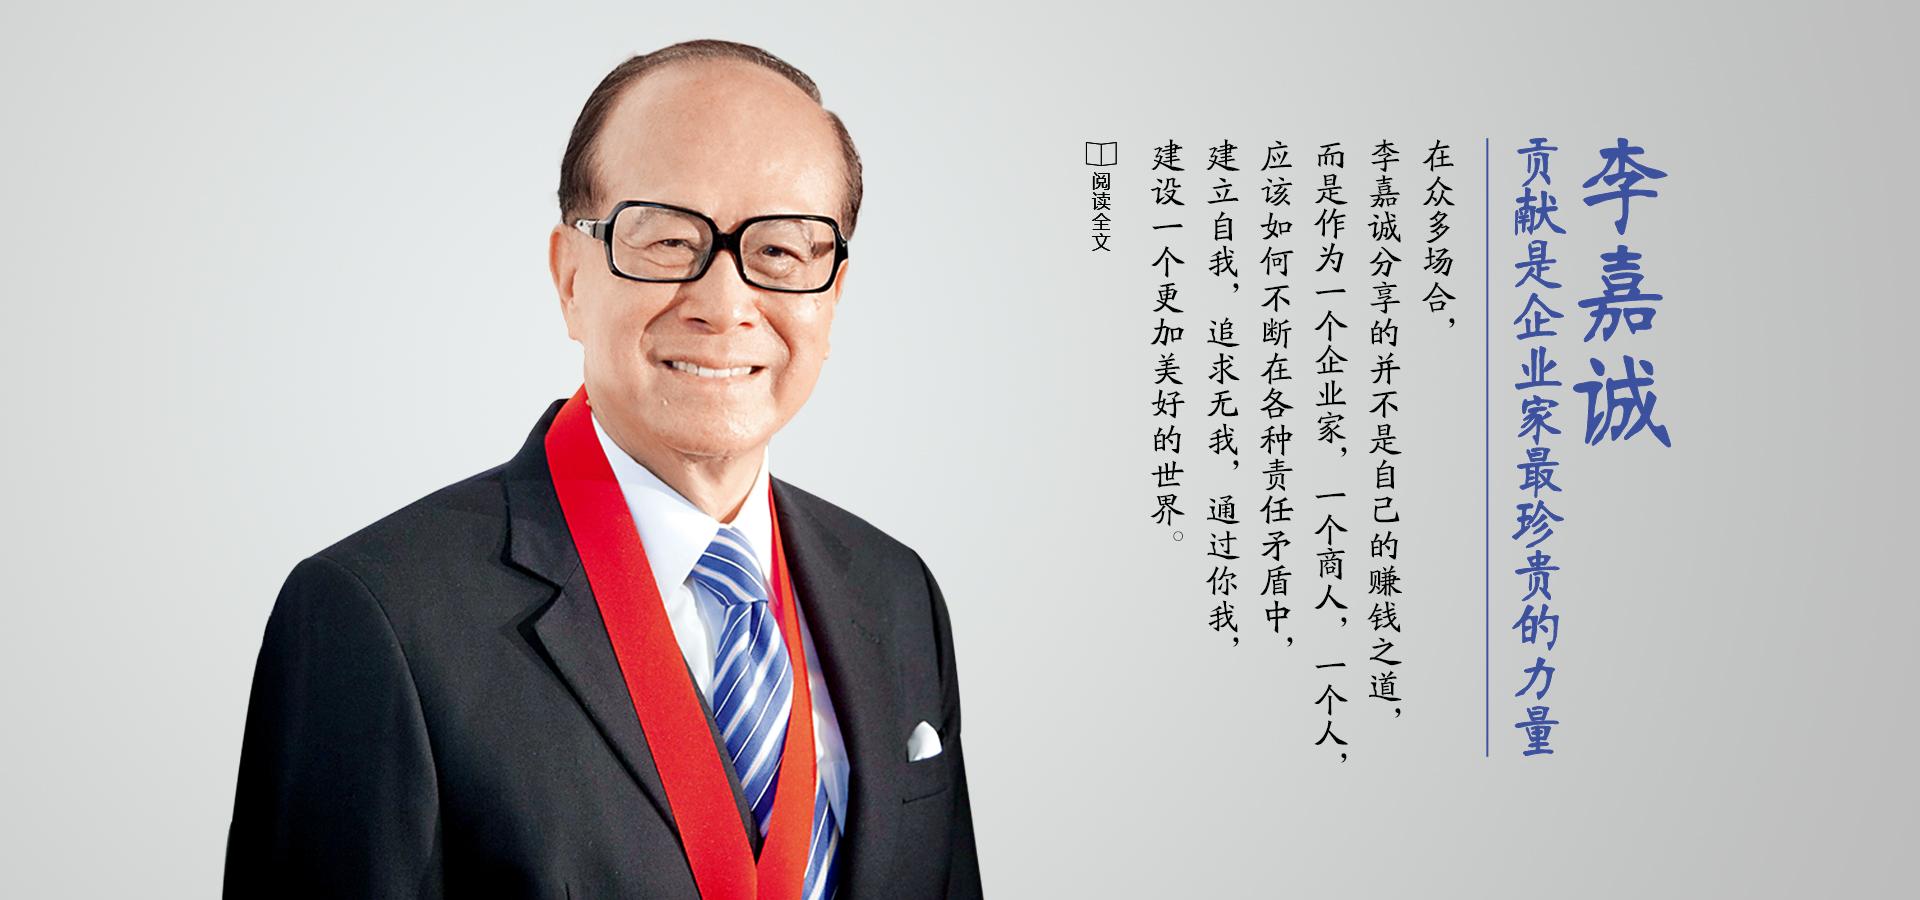 长江实业、... J